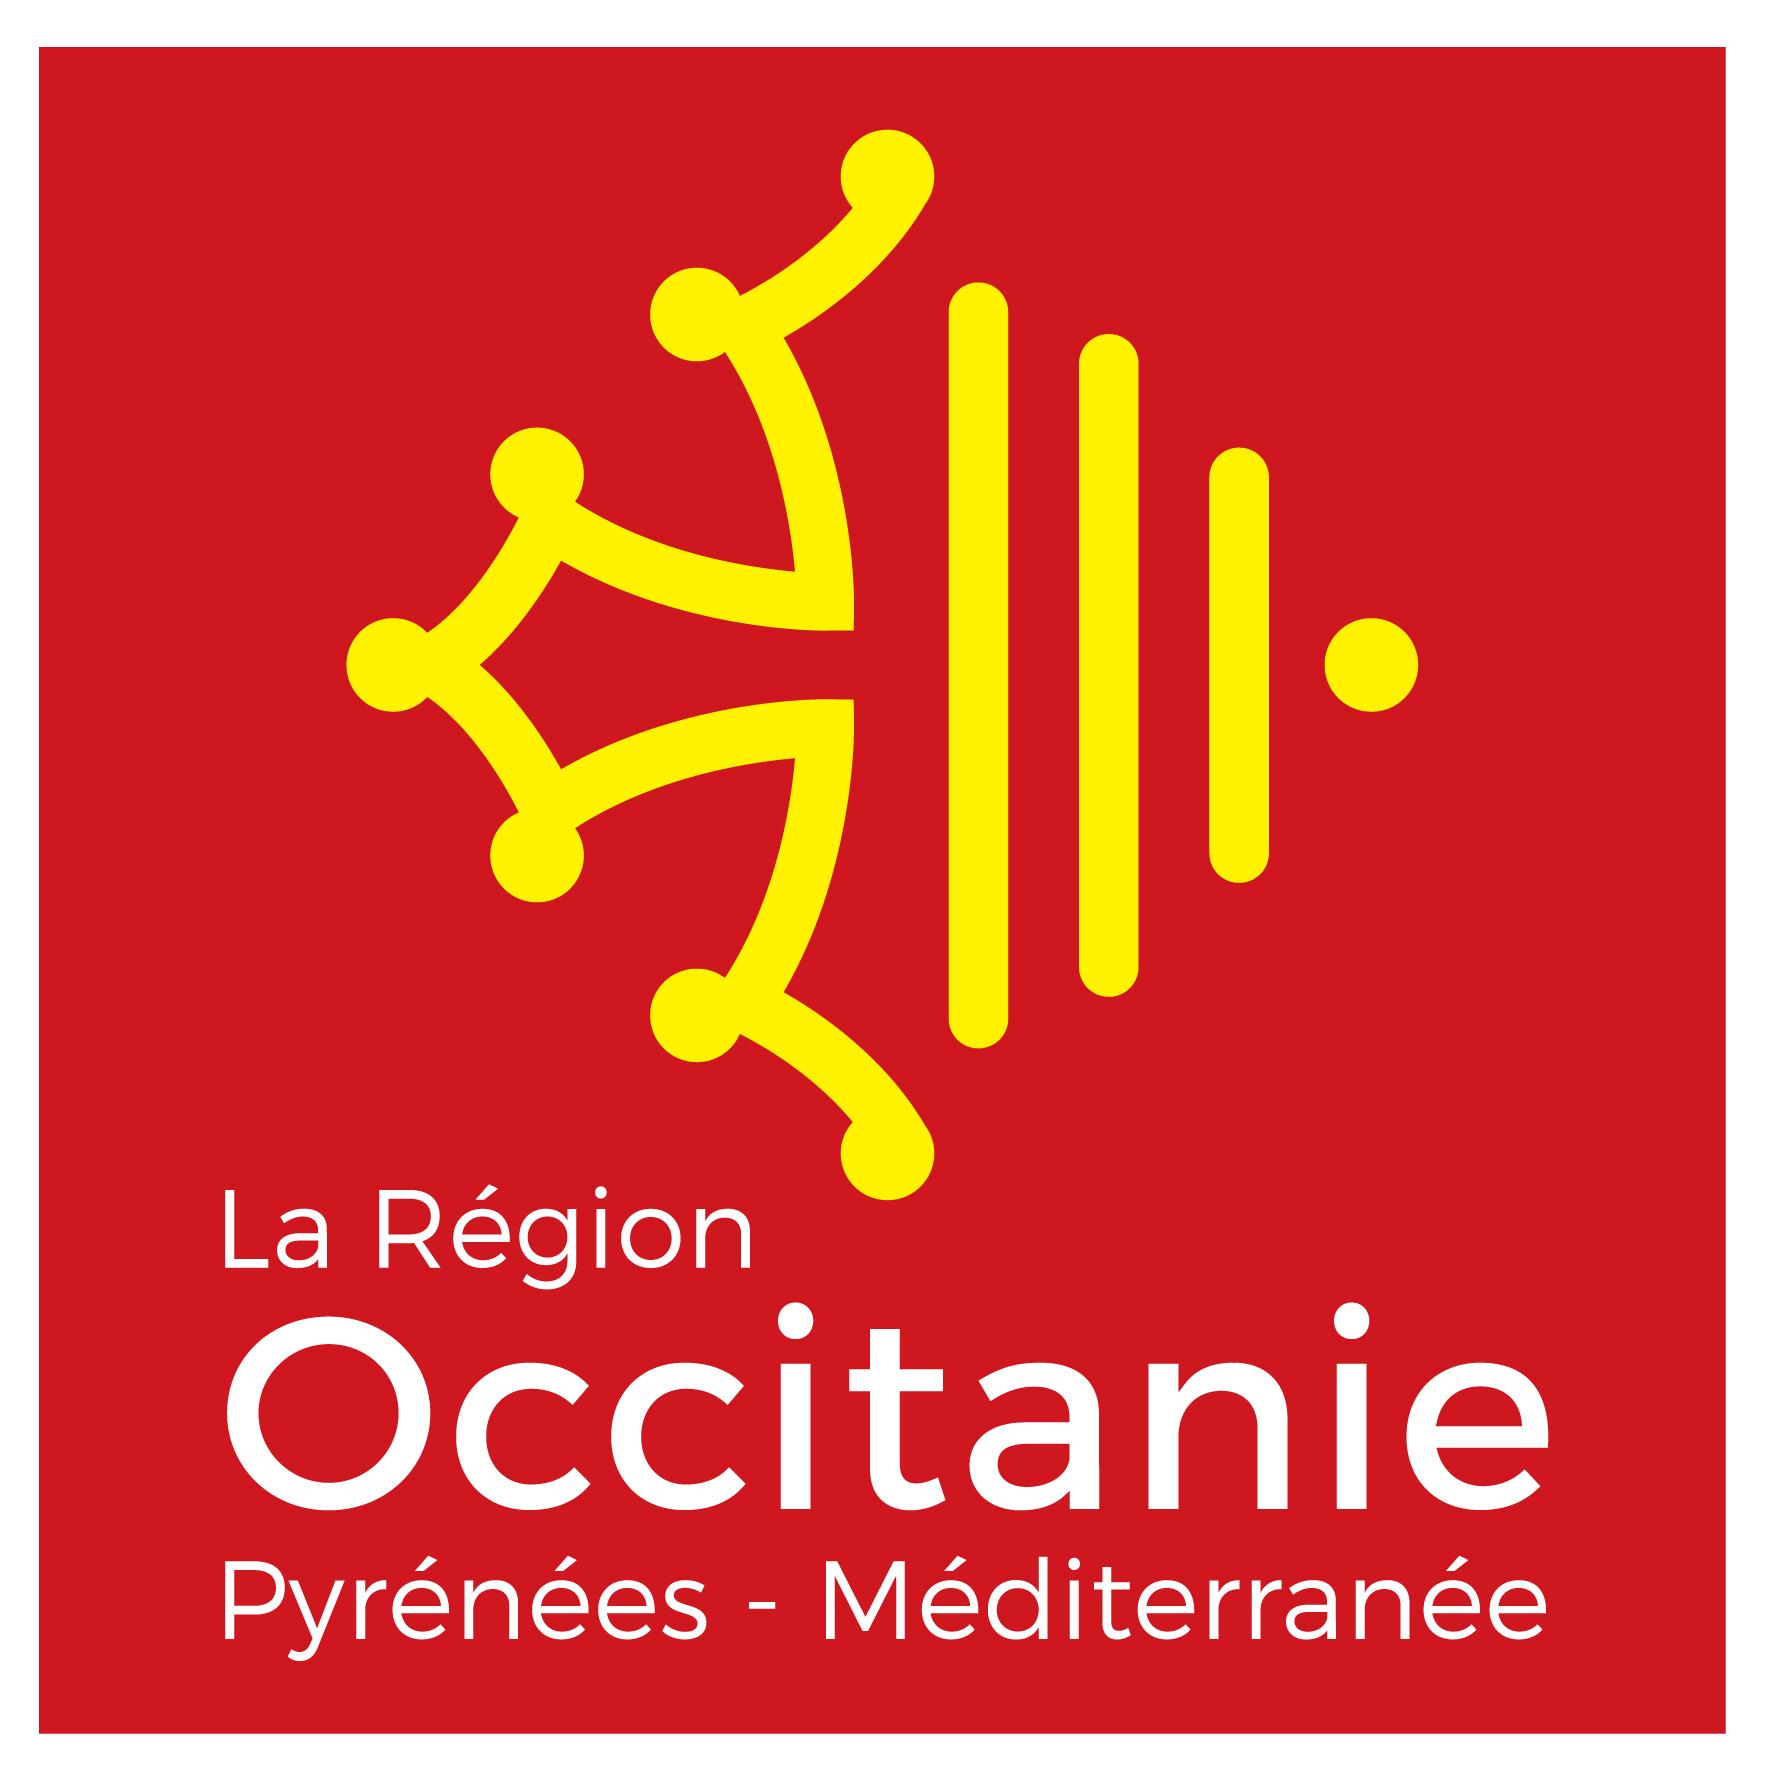 LOGO OCCITANIE new